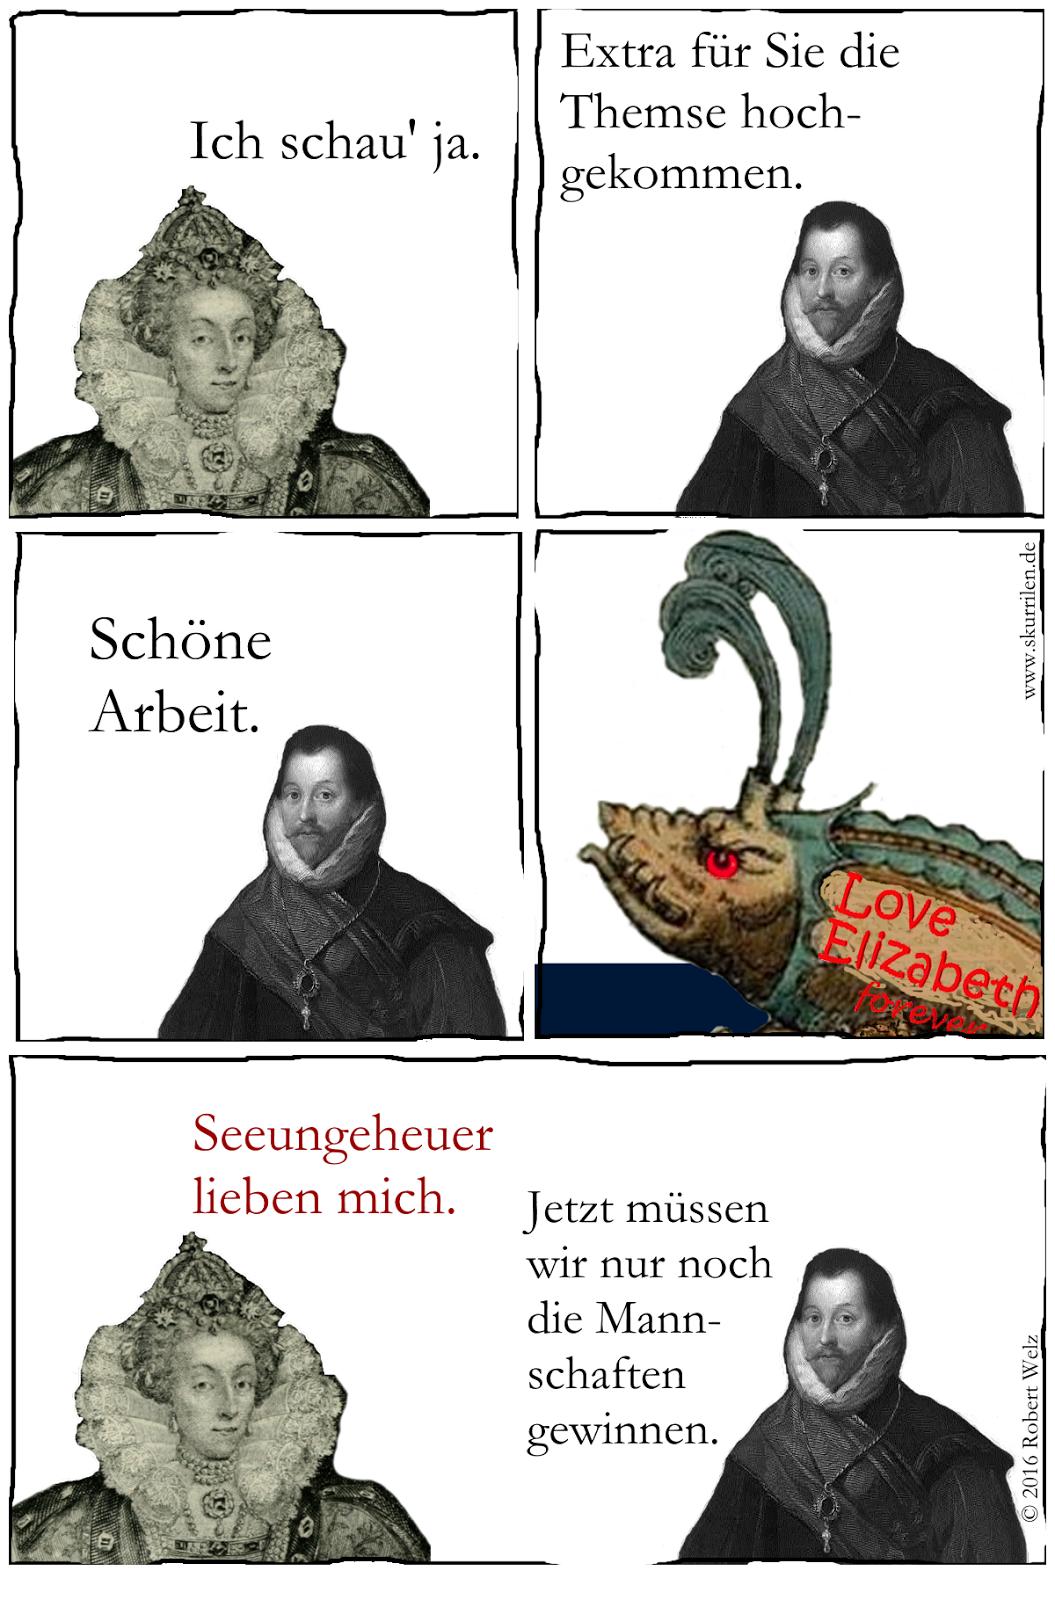 Autsch! Fantasy Comedy skurril. Seeungeheuer zeigt besondere Zuneigung für Königin Elisabeth I. von England.